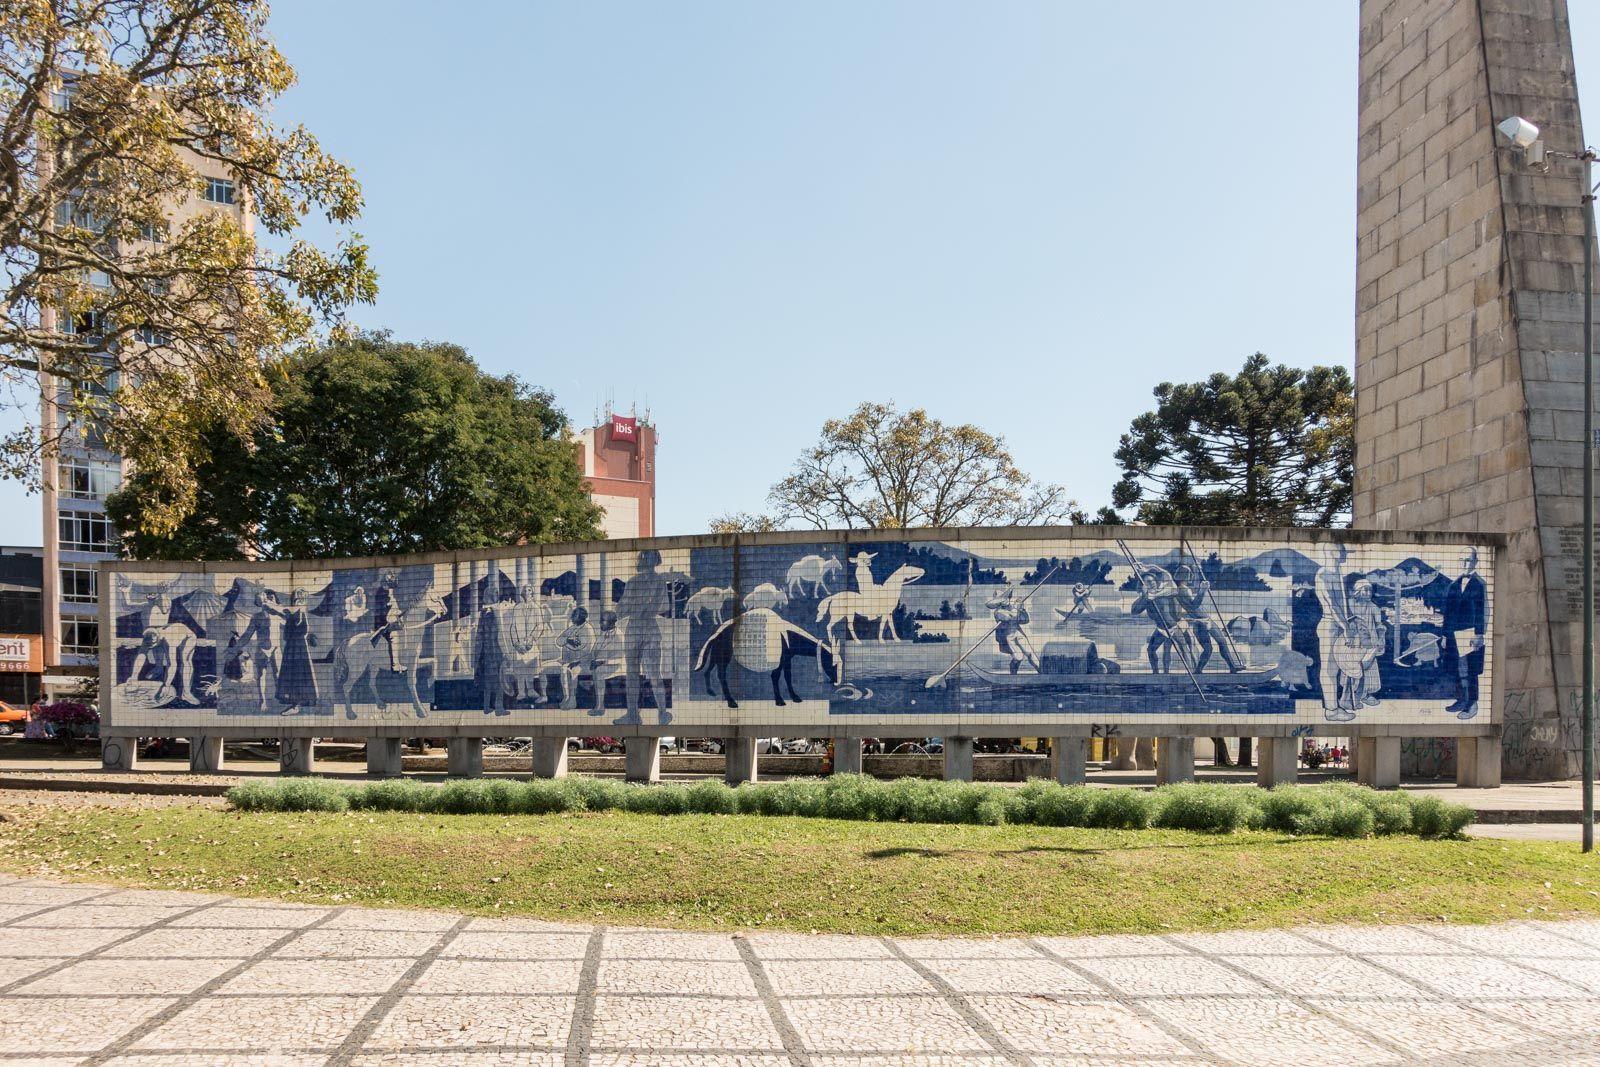 Painel de Stenzel e Cozzo na Praça 19 de Dezembro, Curitiba, Paraná, Brasil - Poty Lazzarotto